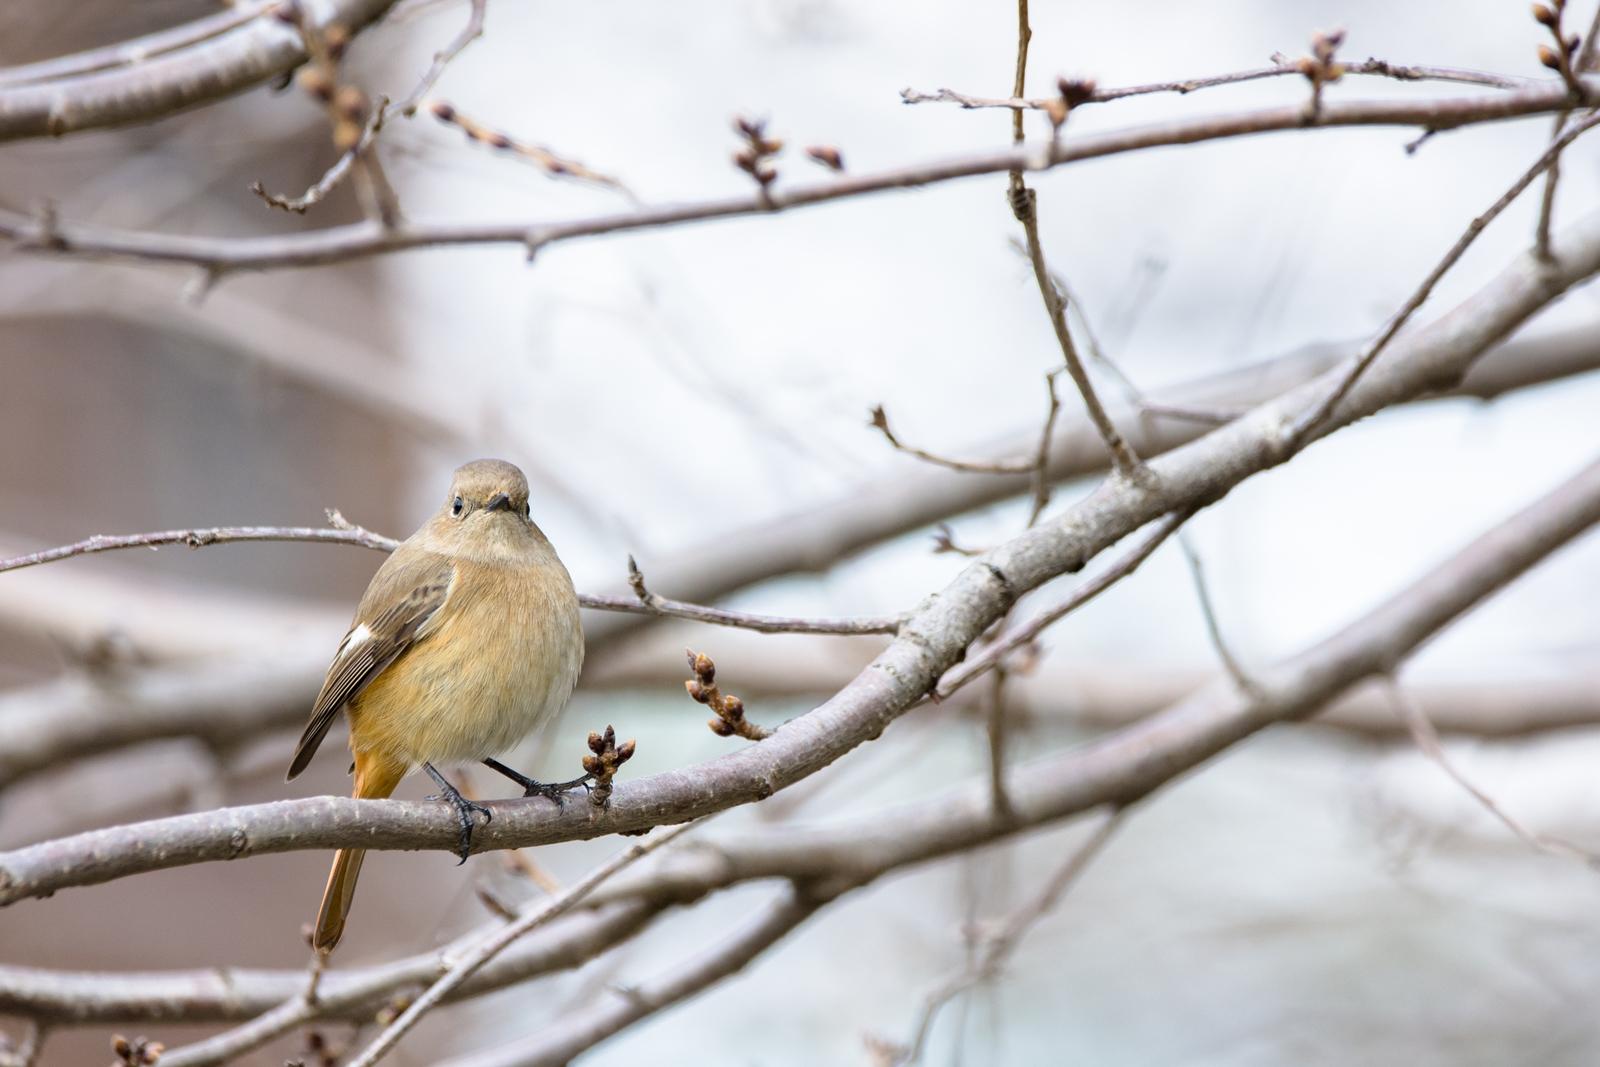 Photo: 「春の声を感じて」 / Feel the voice of the spring.  木々の囁き 風の運ぶ伝言 もう少しでその時が訪れる 耳を傾け春の声を感じる  Daurian redstart. (ジョウビタキ)  Nikon D7200 SIGMA 150-600mm F5-6.3 DG OS HSM Contemporary  #birdphotography #birds #kawaii #小鳥 #nikon #sigma #小鳥グラファー  ( http://takafumiooshio.com/archives/1248 )